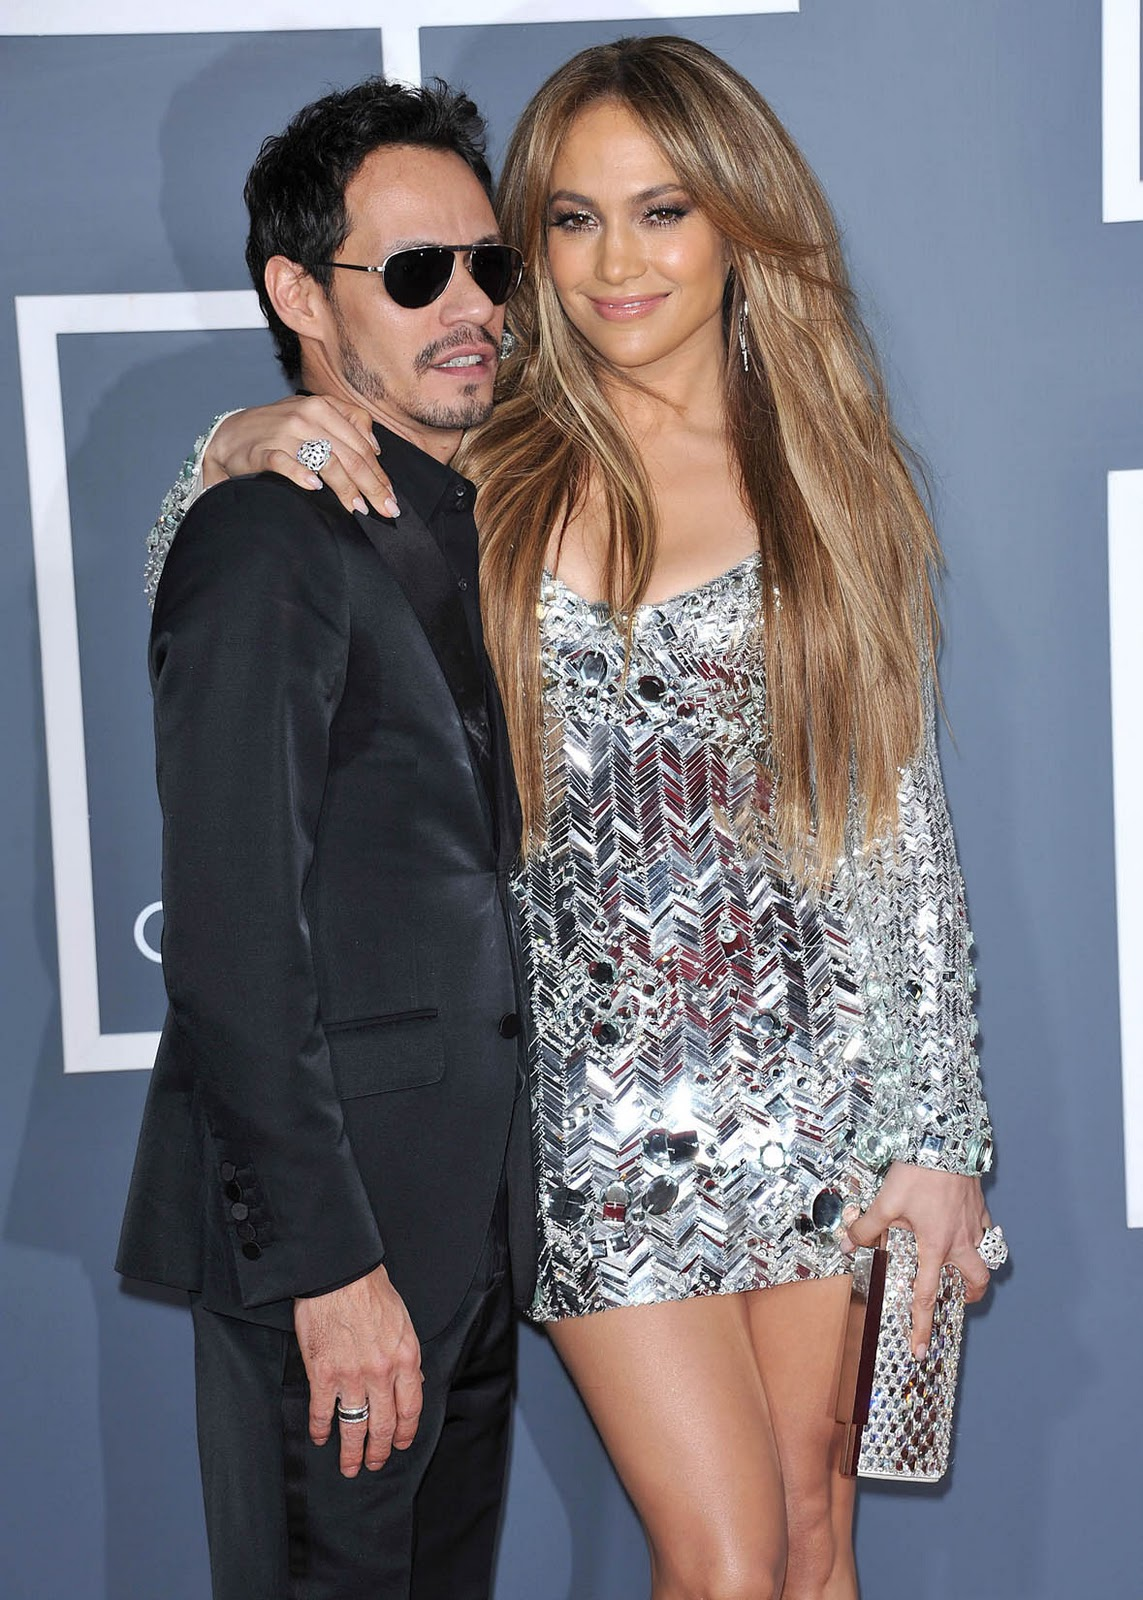 http://2.bp.blogspot.com/-lgqTrqIu5Go/TVoh0CC52GI/AAAAAAAAGlQ/5CQE3x2eLDo/s1600/jennifer_lopez_grammy_dress_6.jpg